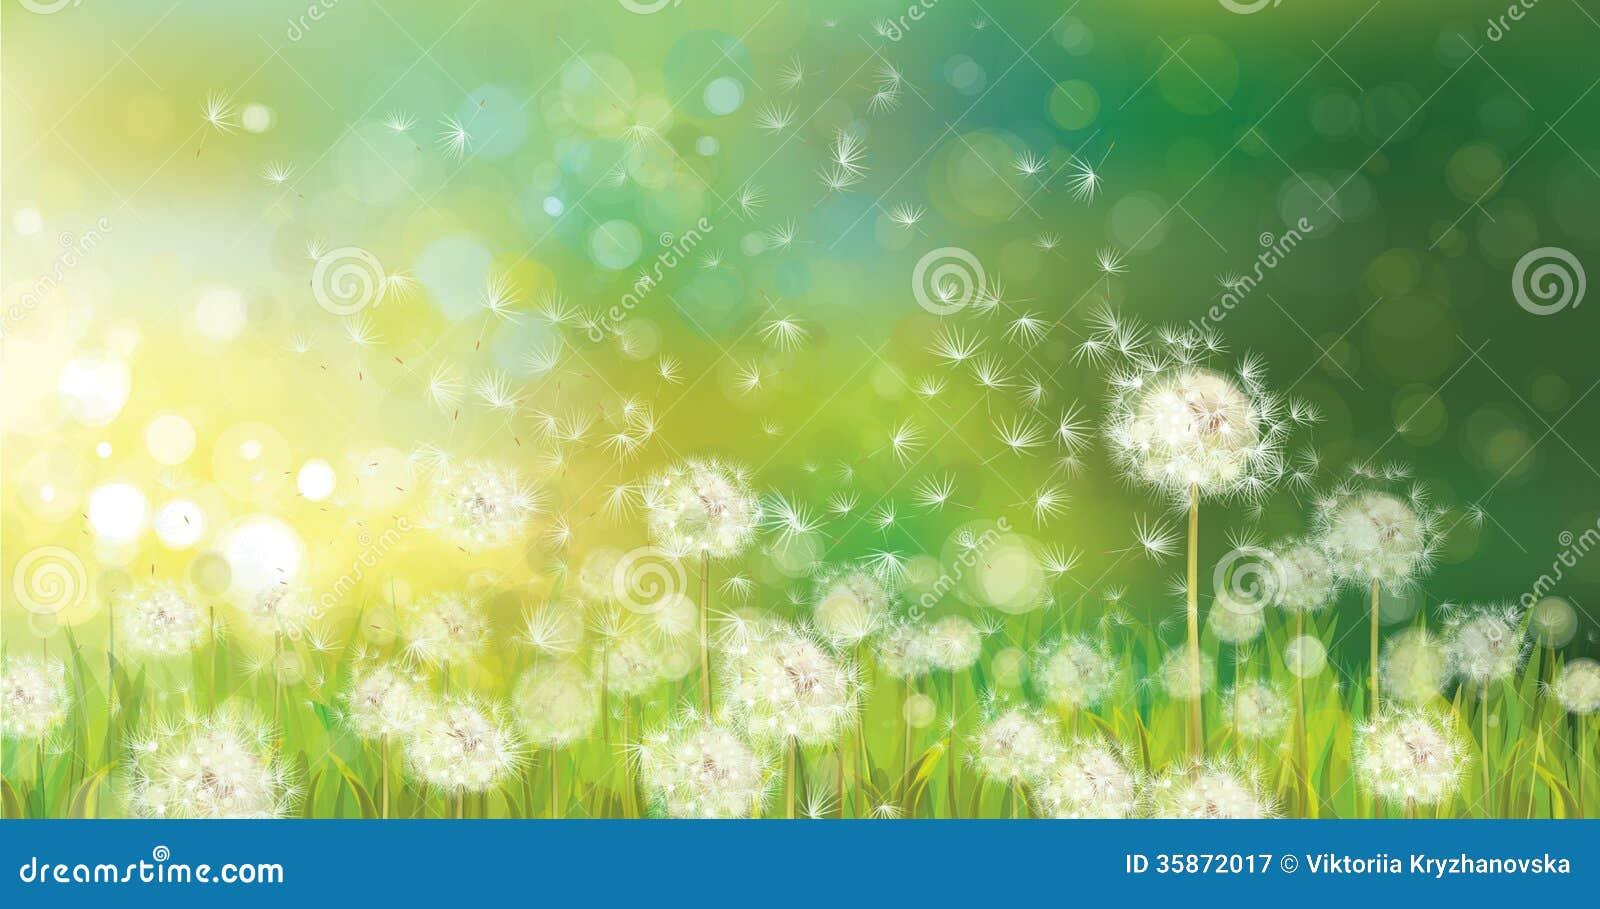 Vector van de lenteachtergrond met witte paardebloemen.